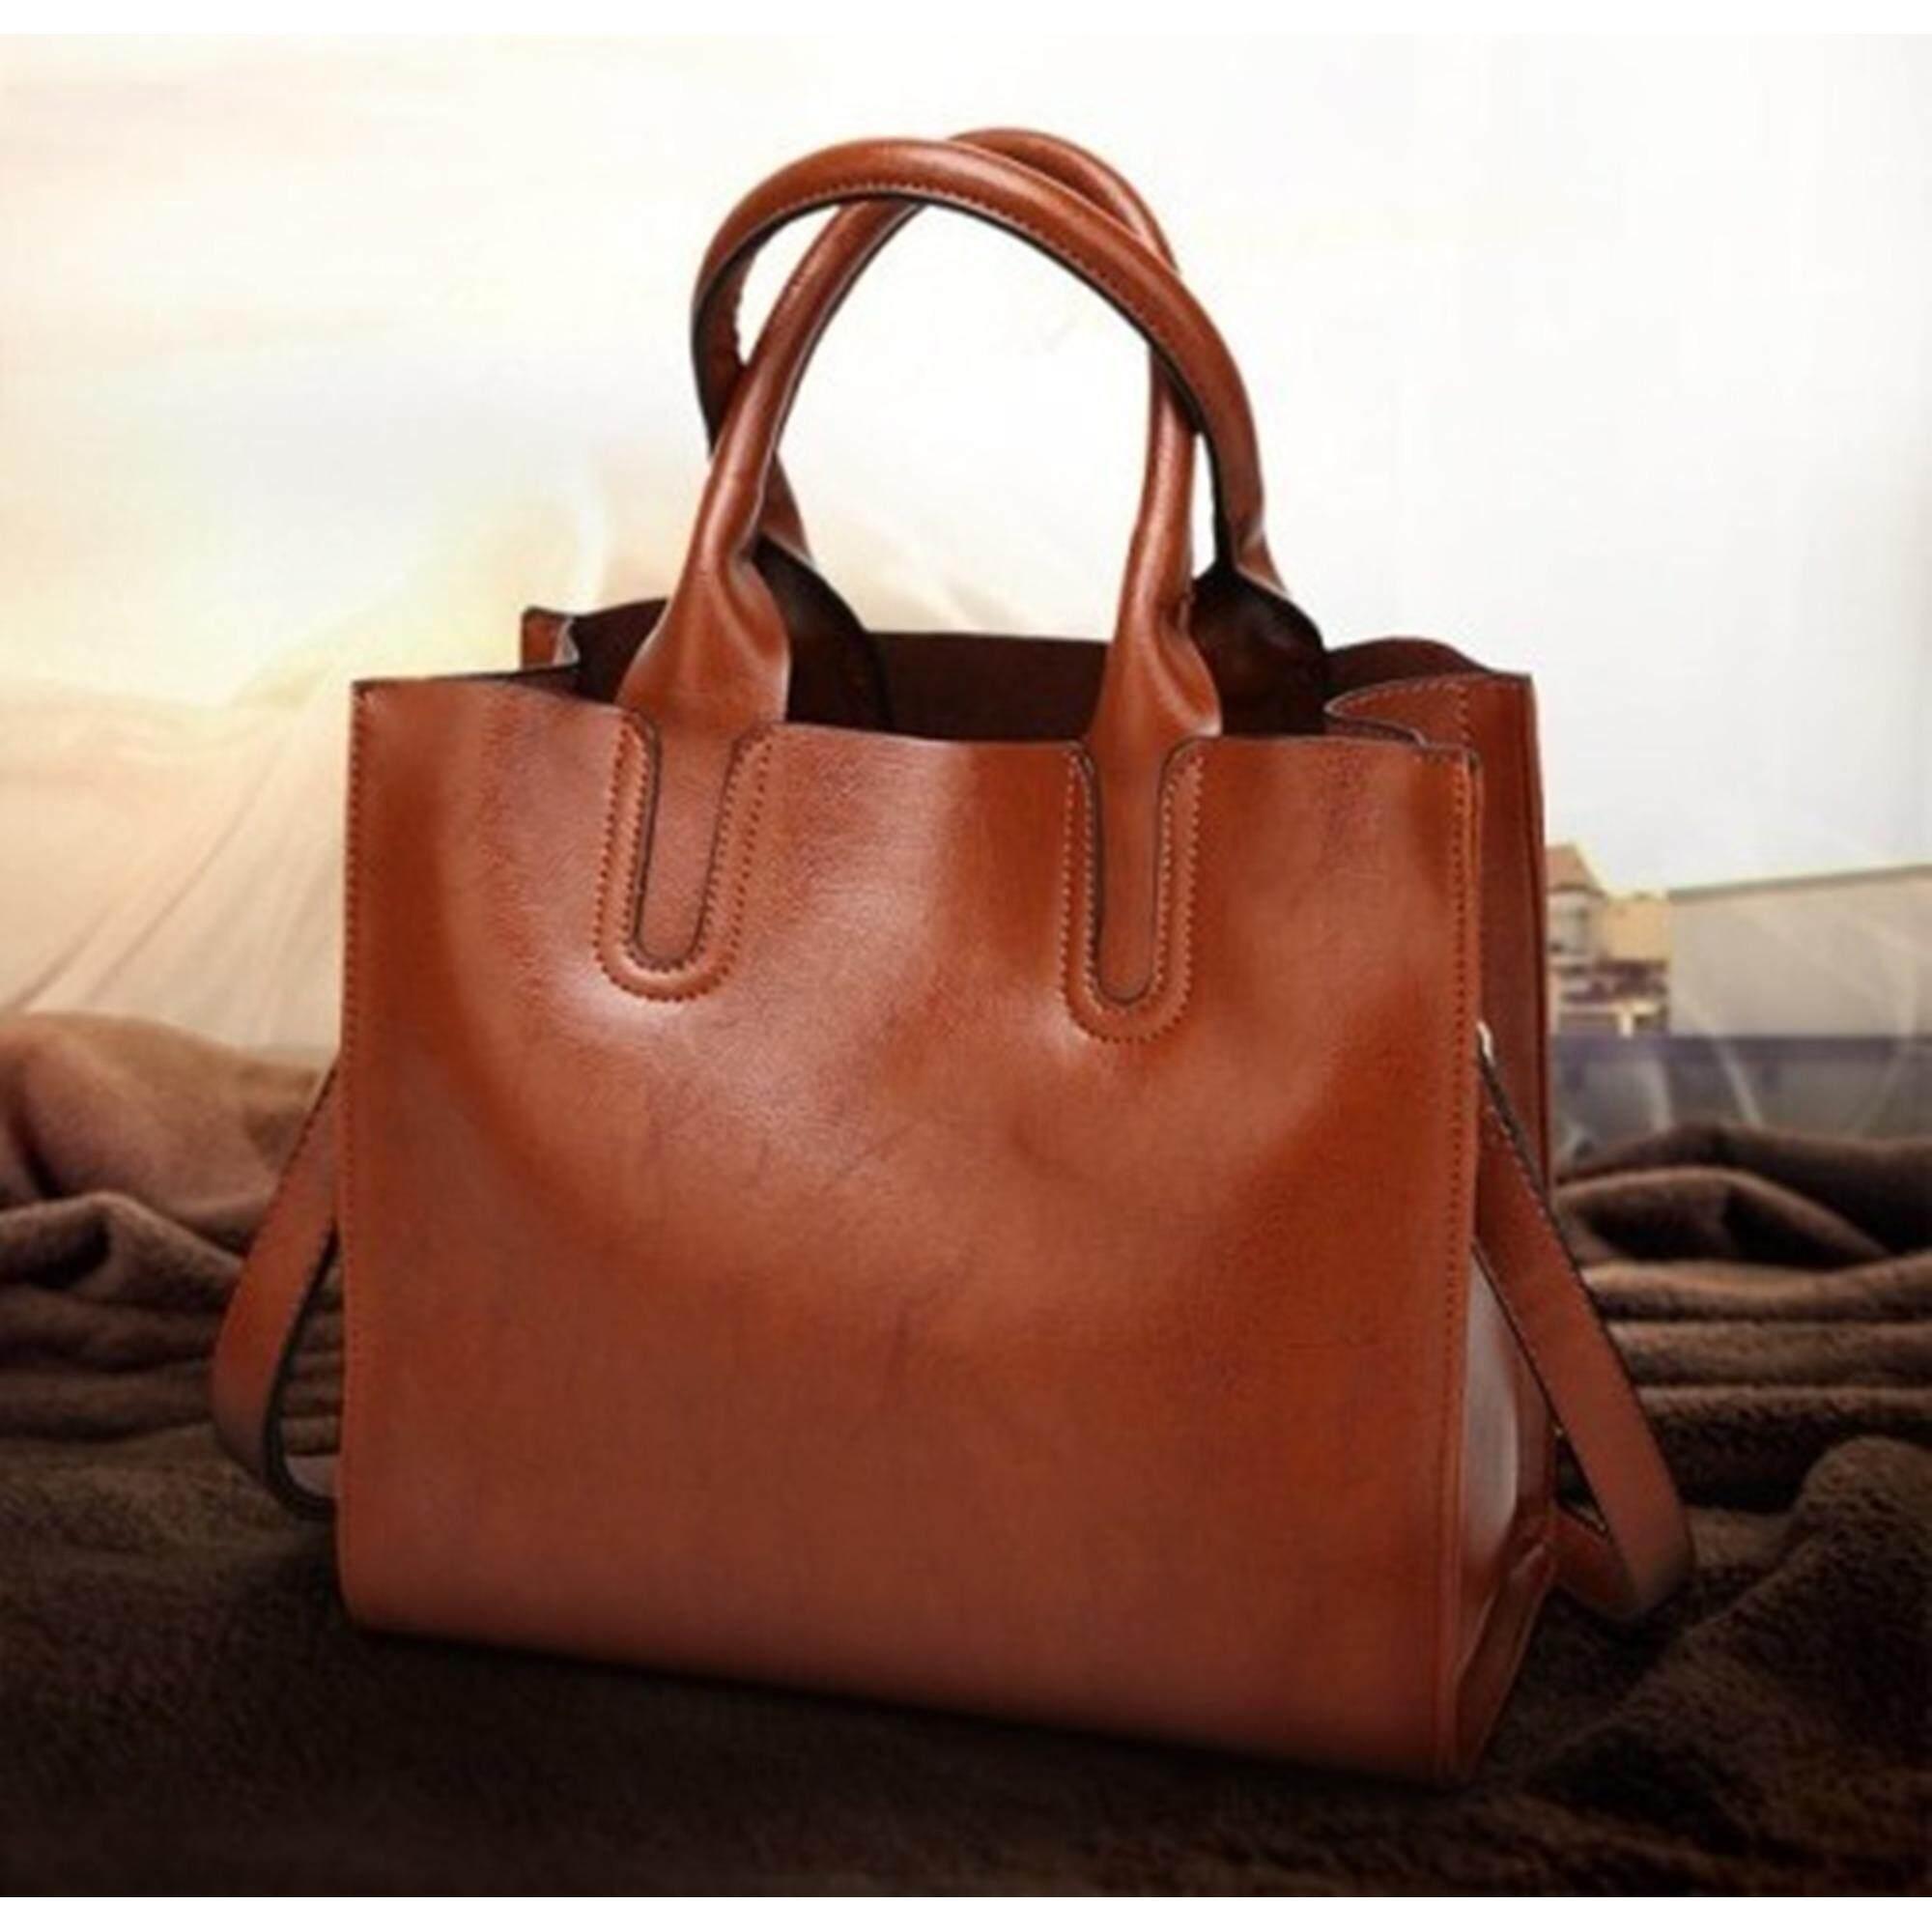 โปรโมชั่น K B Shop กระเป๋าหนังแท้ แบบสายถือและสายสะพาย หนังนิ่ม งานดี สวยมาก รุ่น Aim 307Br สีน้ำตาล